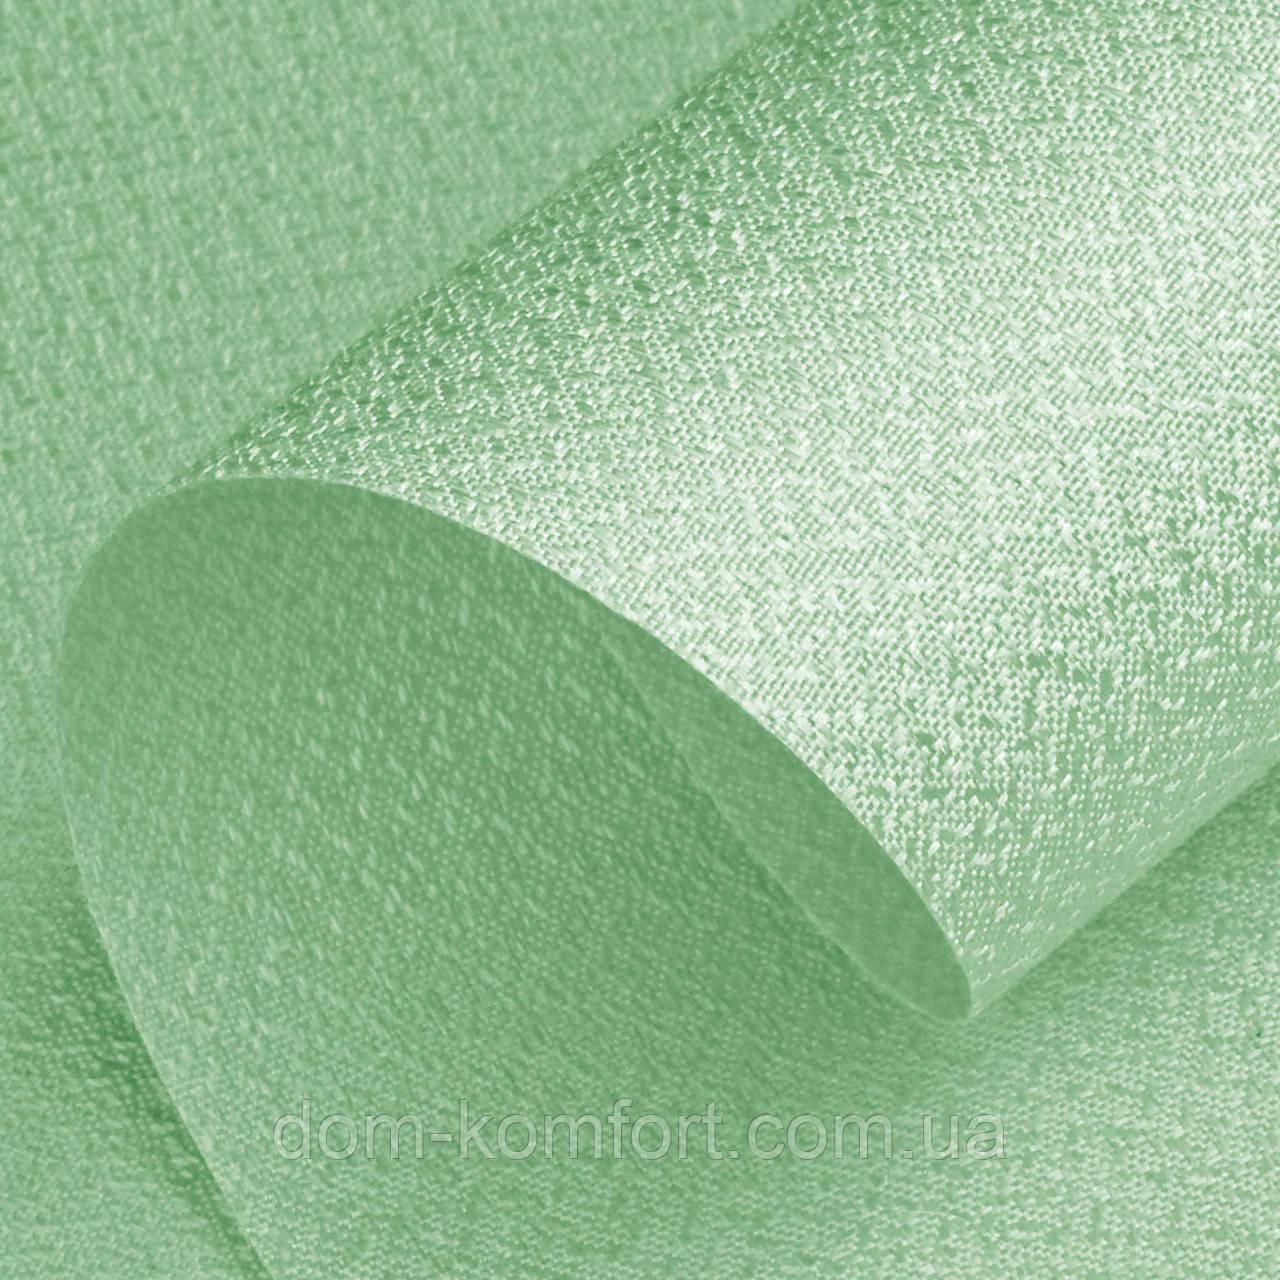 Рулонные шторы открытого типа ткань перламутровая цвет Green